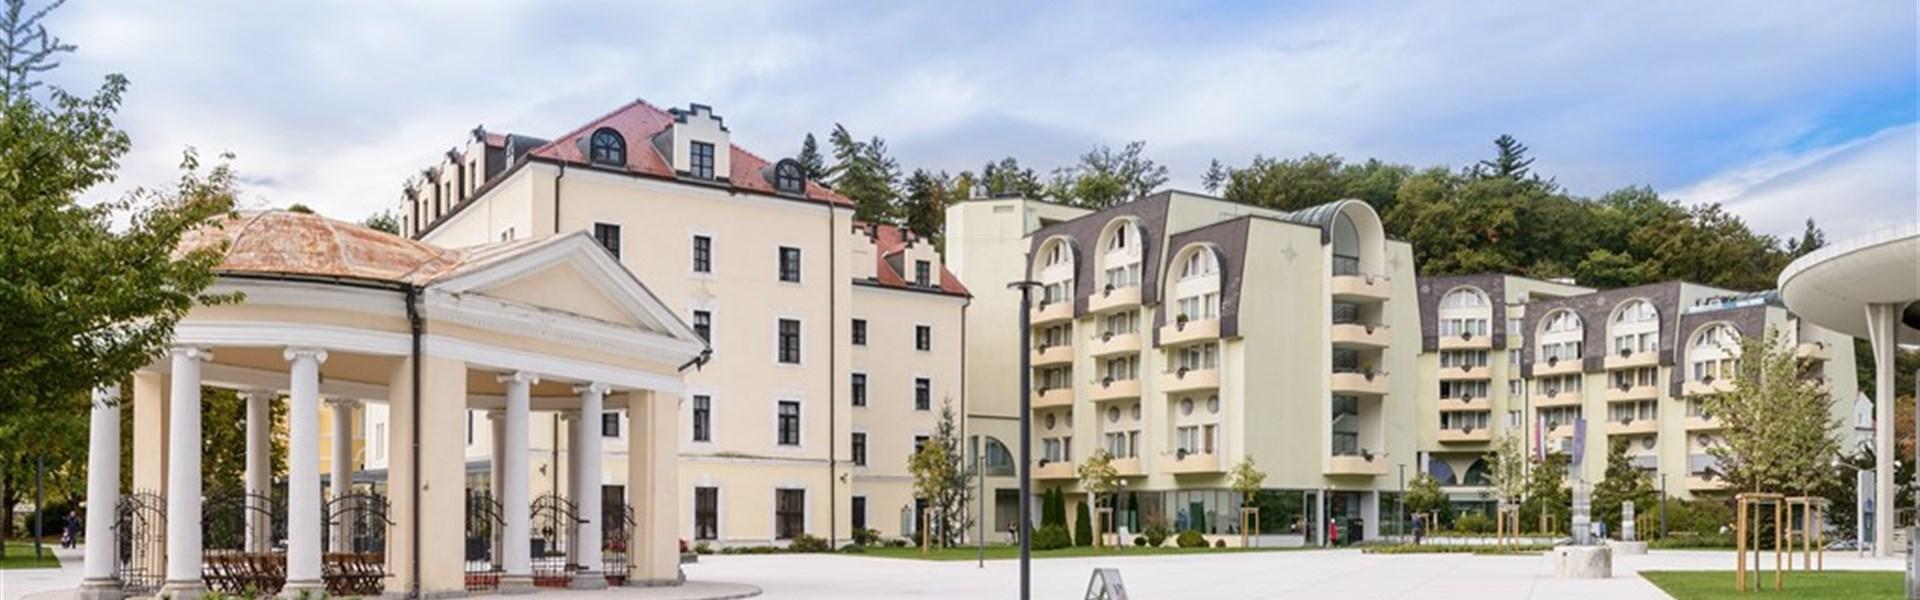 Grand Hotel Sava/Lux a Hotel Zagreb -